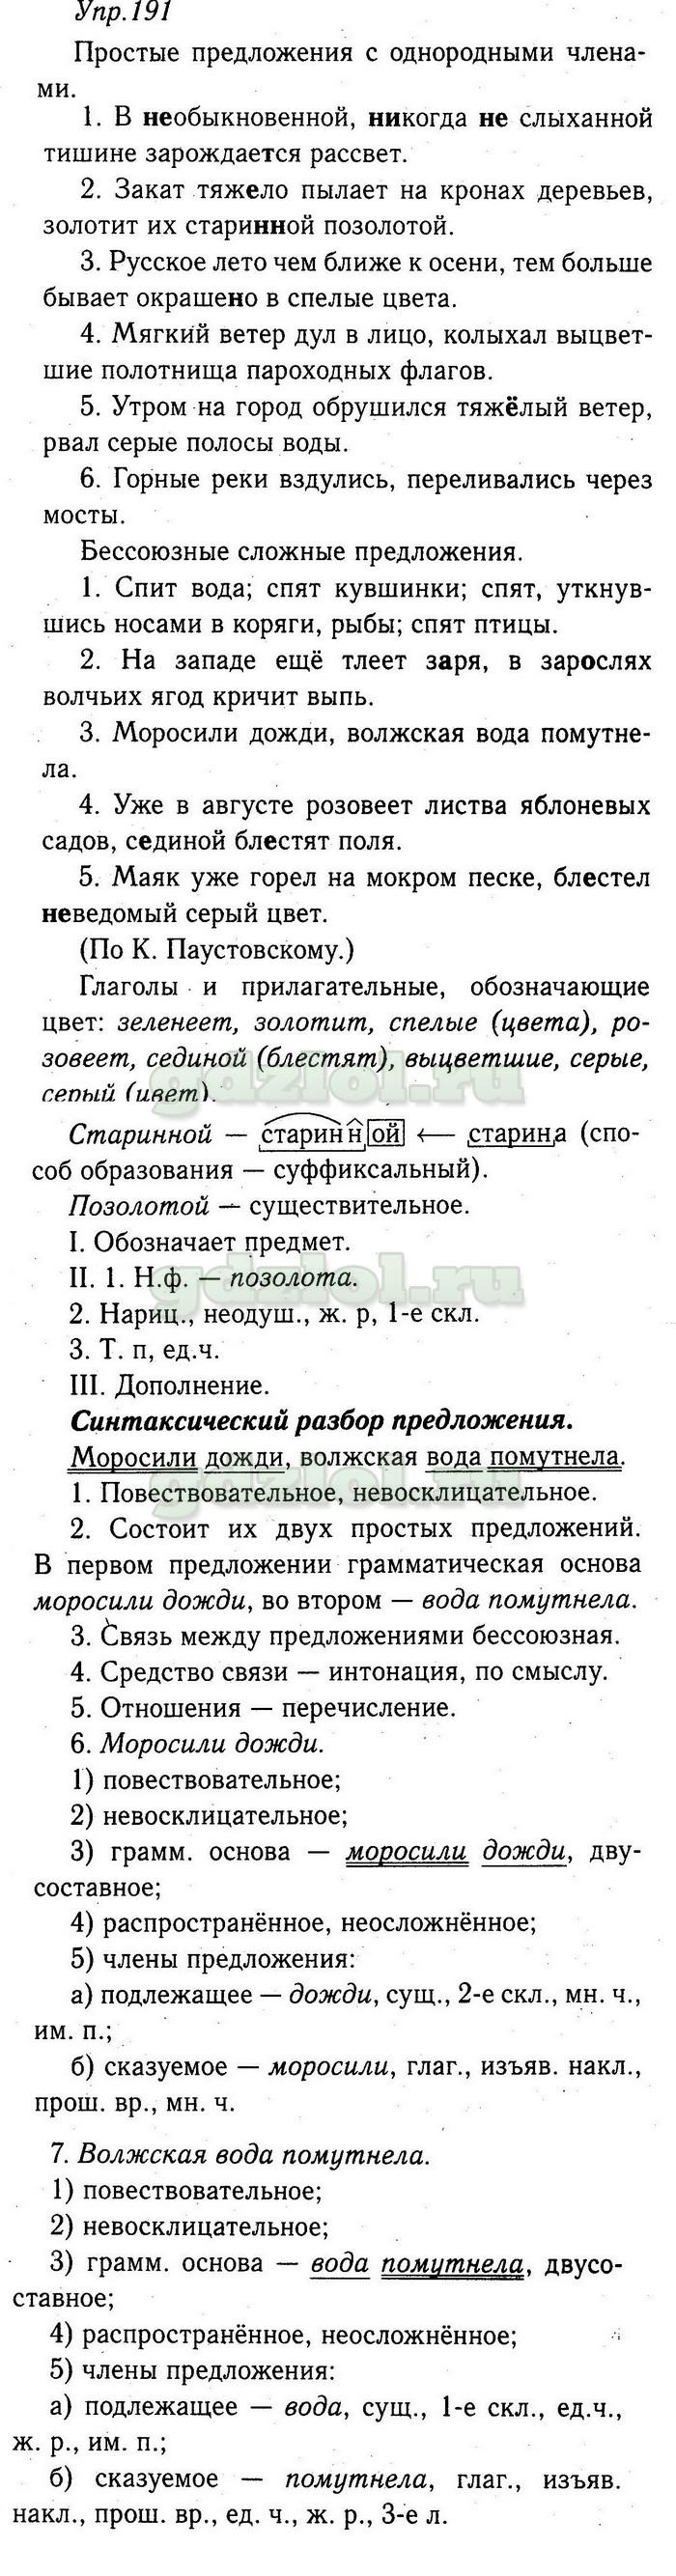 Гдз По Русскому Языку 8 Класс Тростенцова Ладыженская 191 Упр